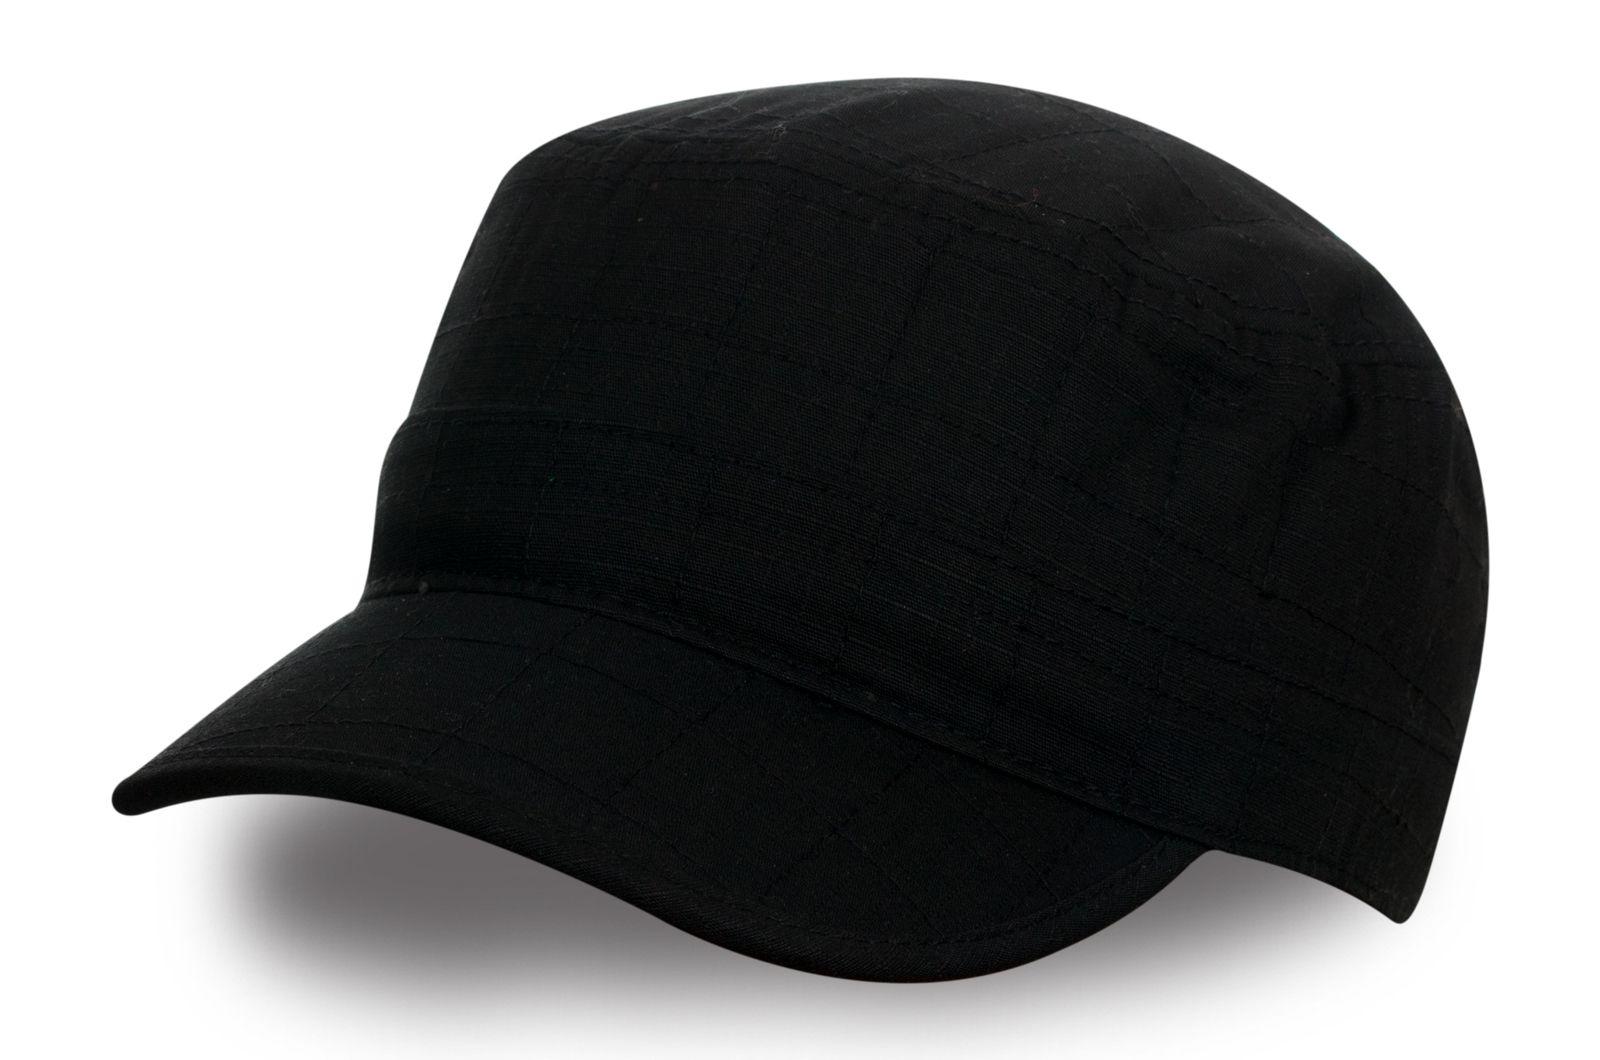 Кепка-немка черная - купить в интернет-магазине с доставкой